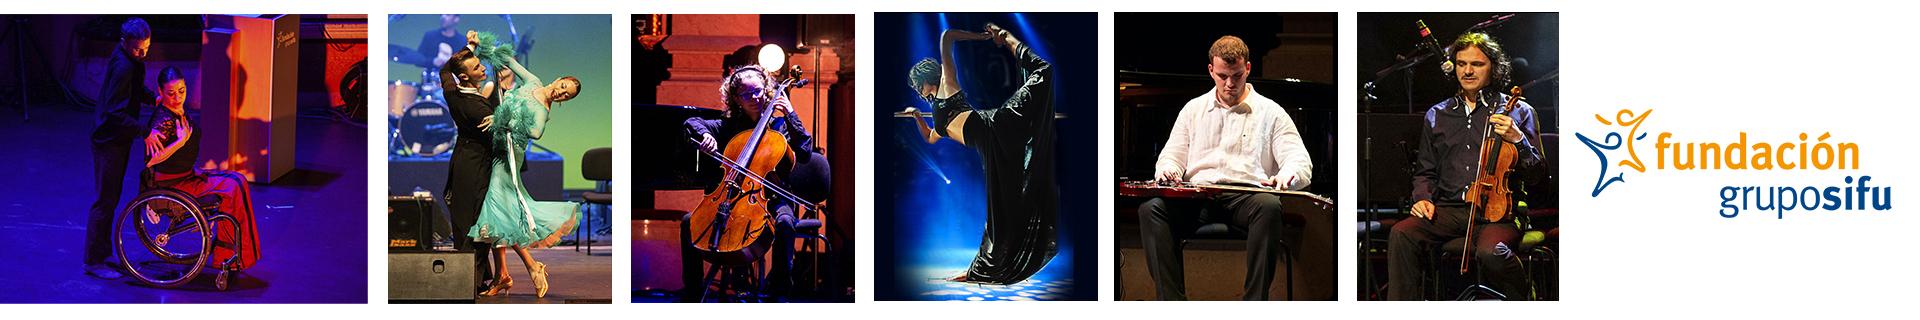 Fundación Grupo SIFU beca a 8 artistas de la música y de la danza para completar su formación